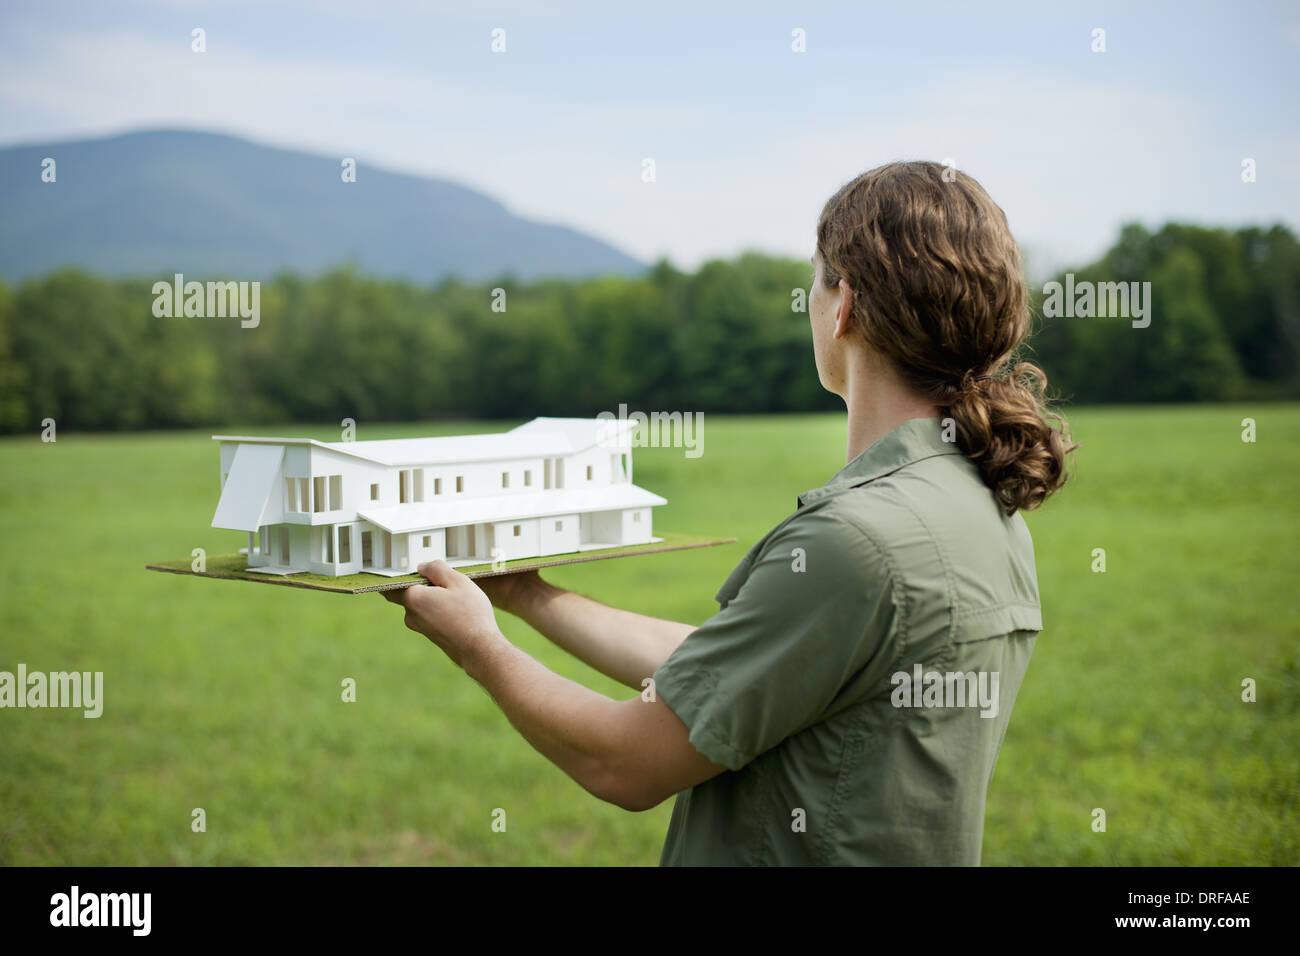 L'état de New York USA personne rural holding modèle réduit de nouveau bâtiment Photo Stock